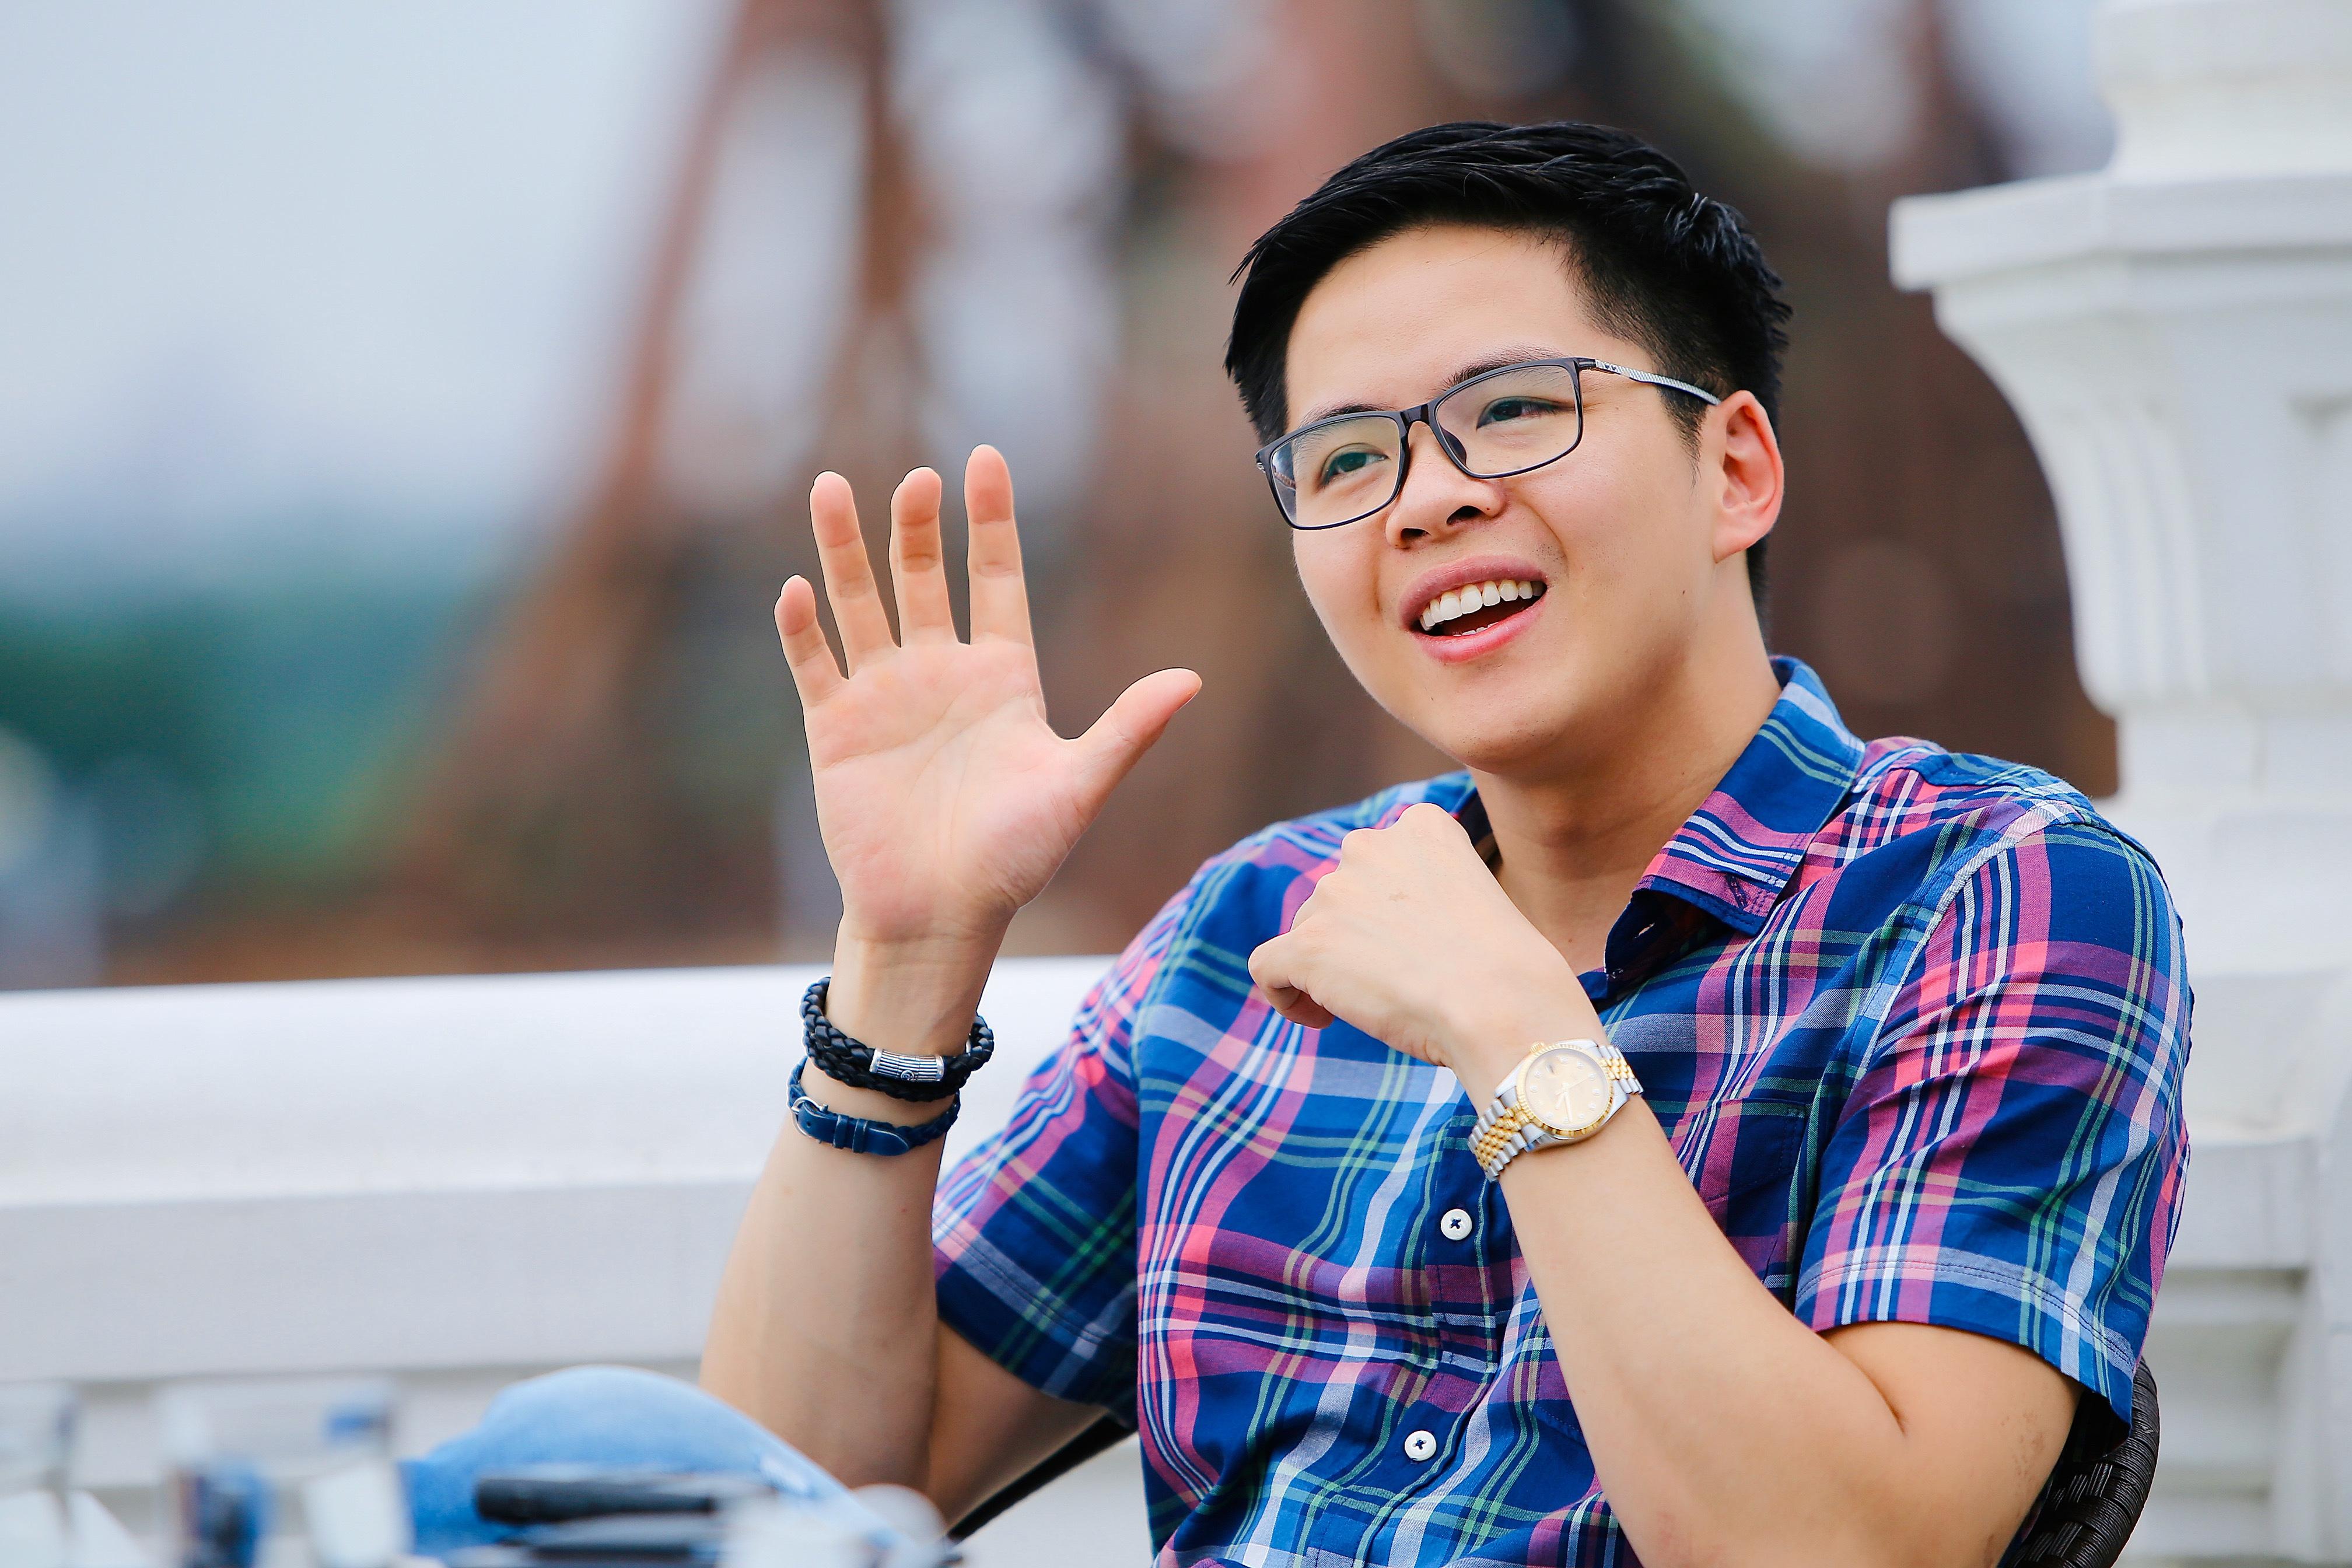 GS người Việt muốn nâng giấc ngủ cho 2,1 tỷ người và 25 bằng sáng chế trên đất Mỹ - Ảnh 4.